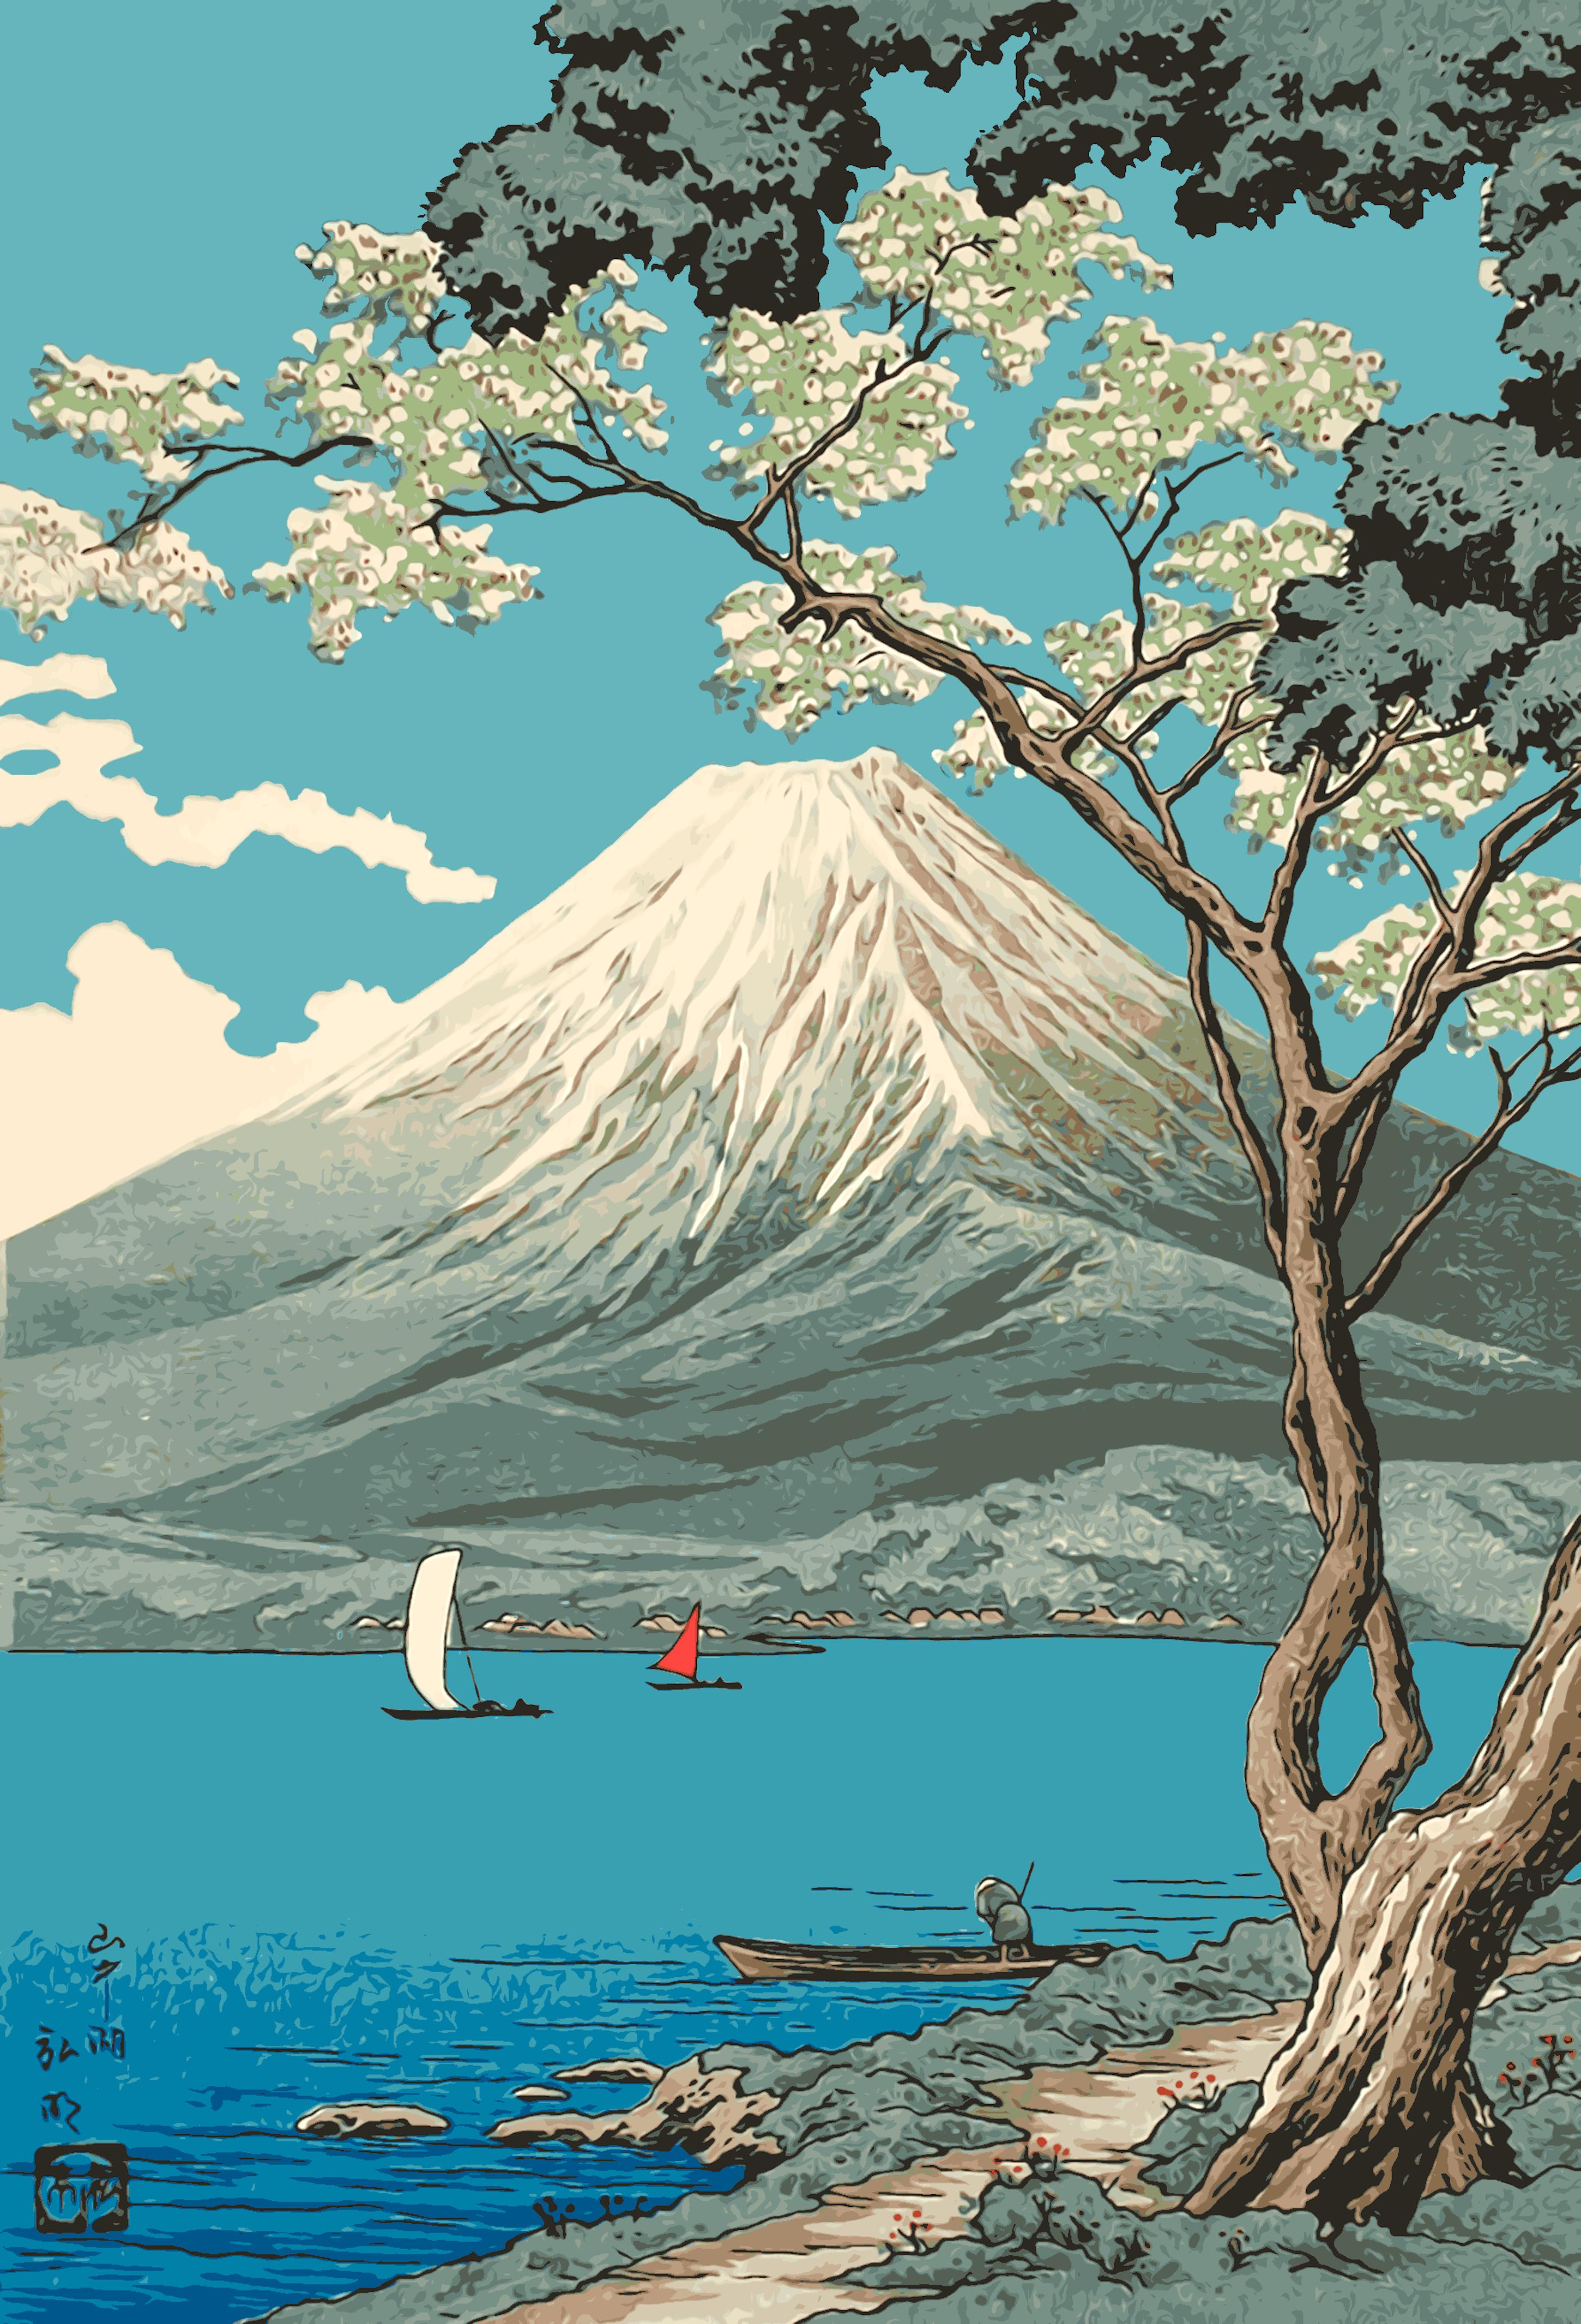 Mt. Fuji from Lake Yamanaka - Takahashi Hiroaki